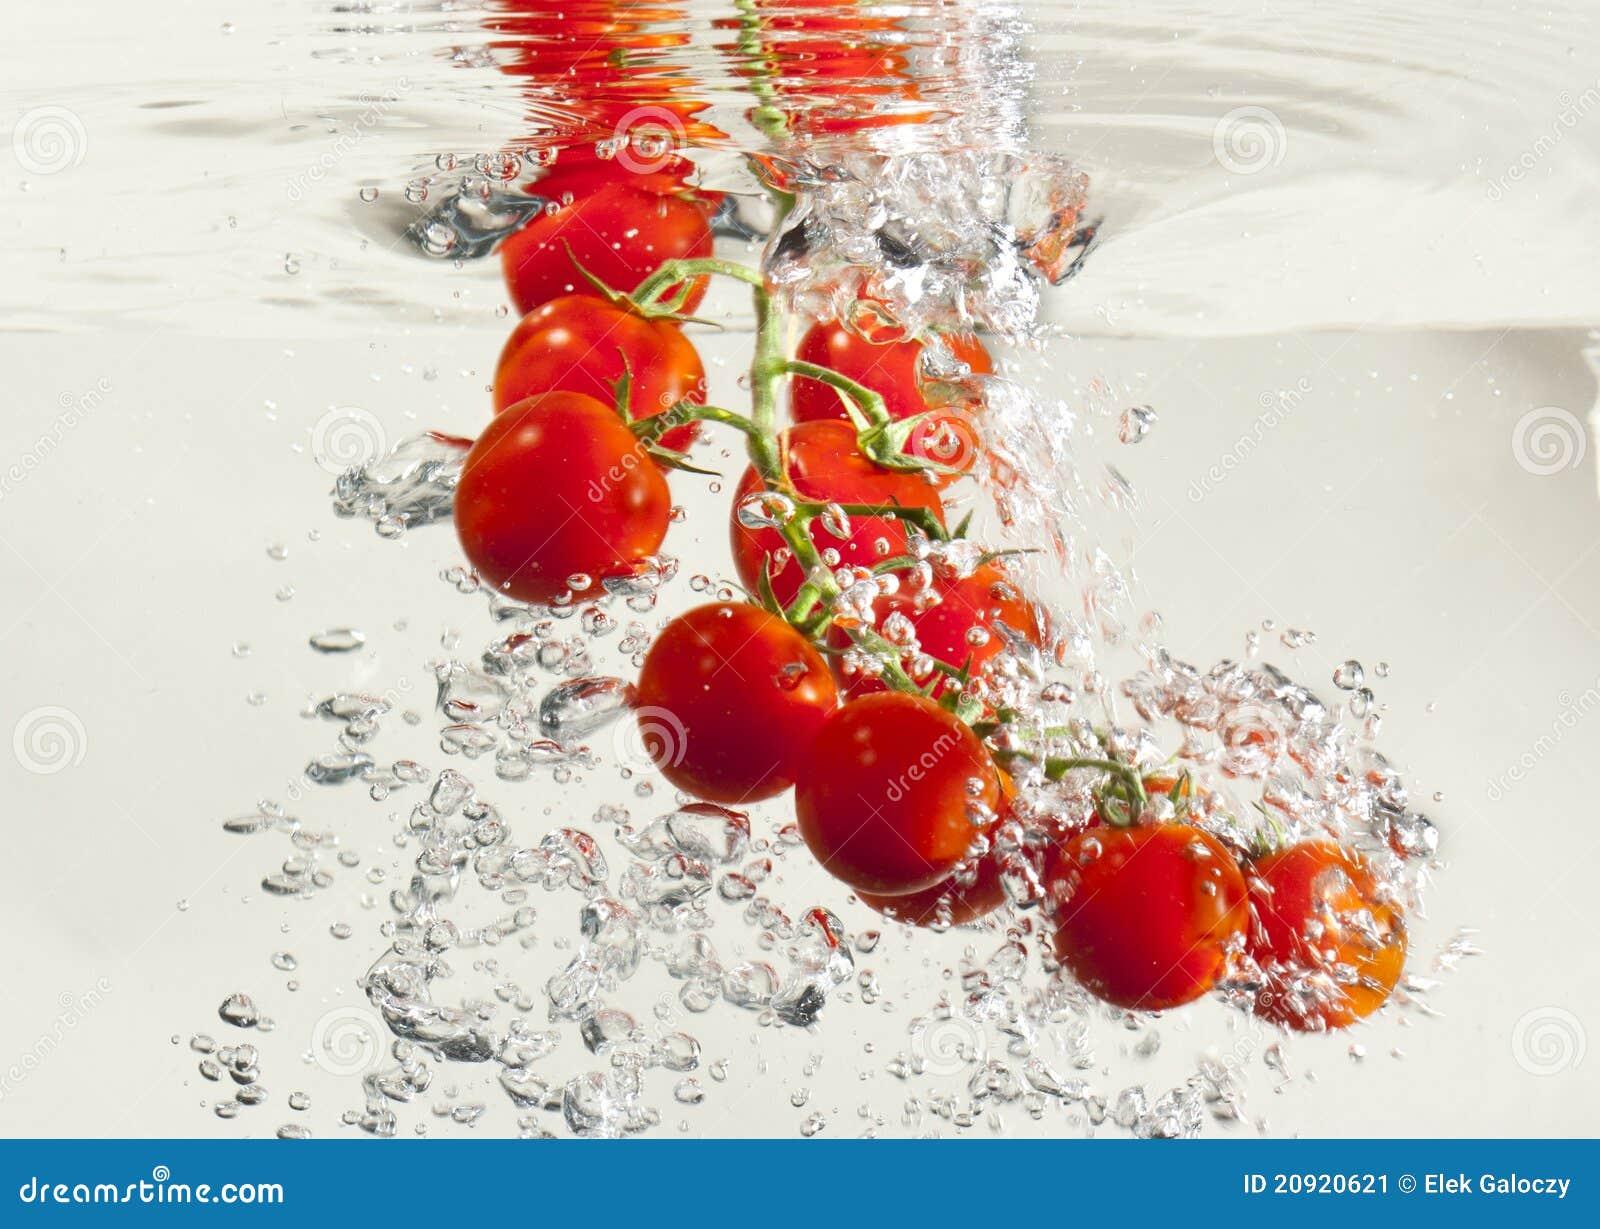 tomato splash stock image image 20920621